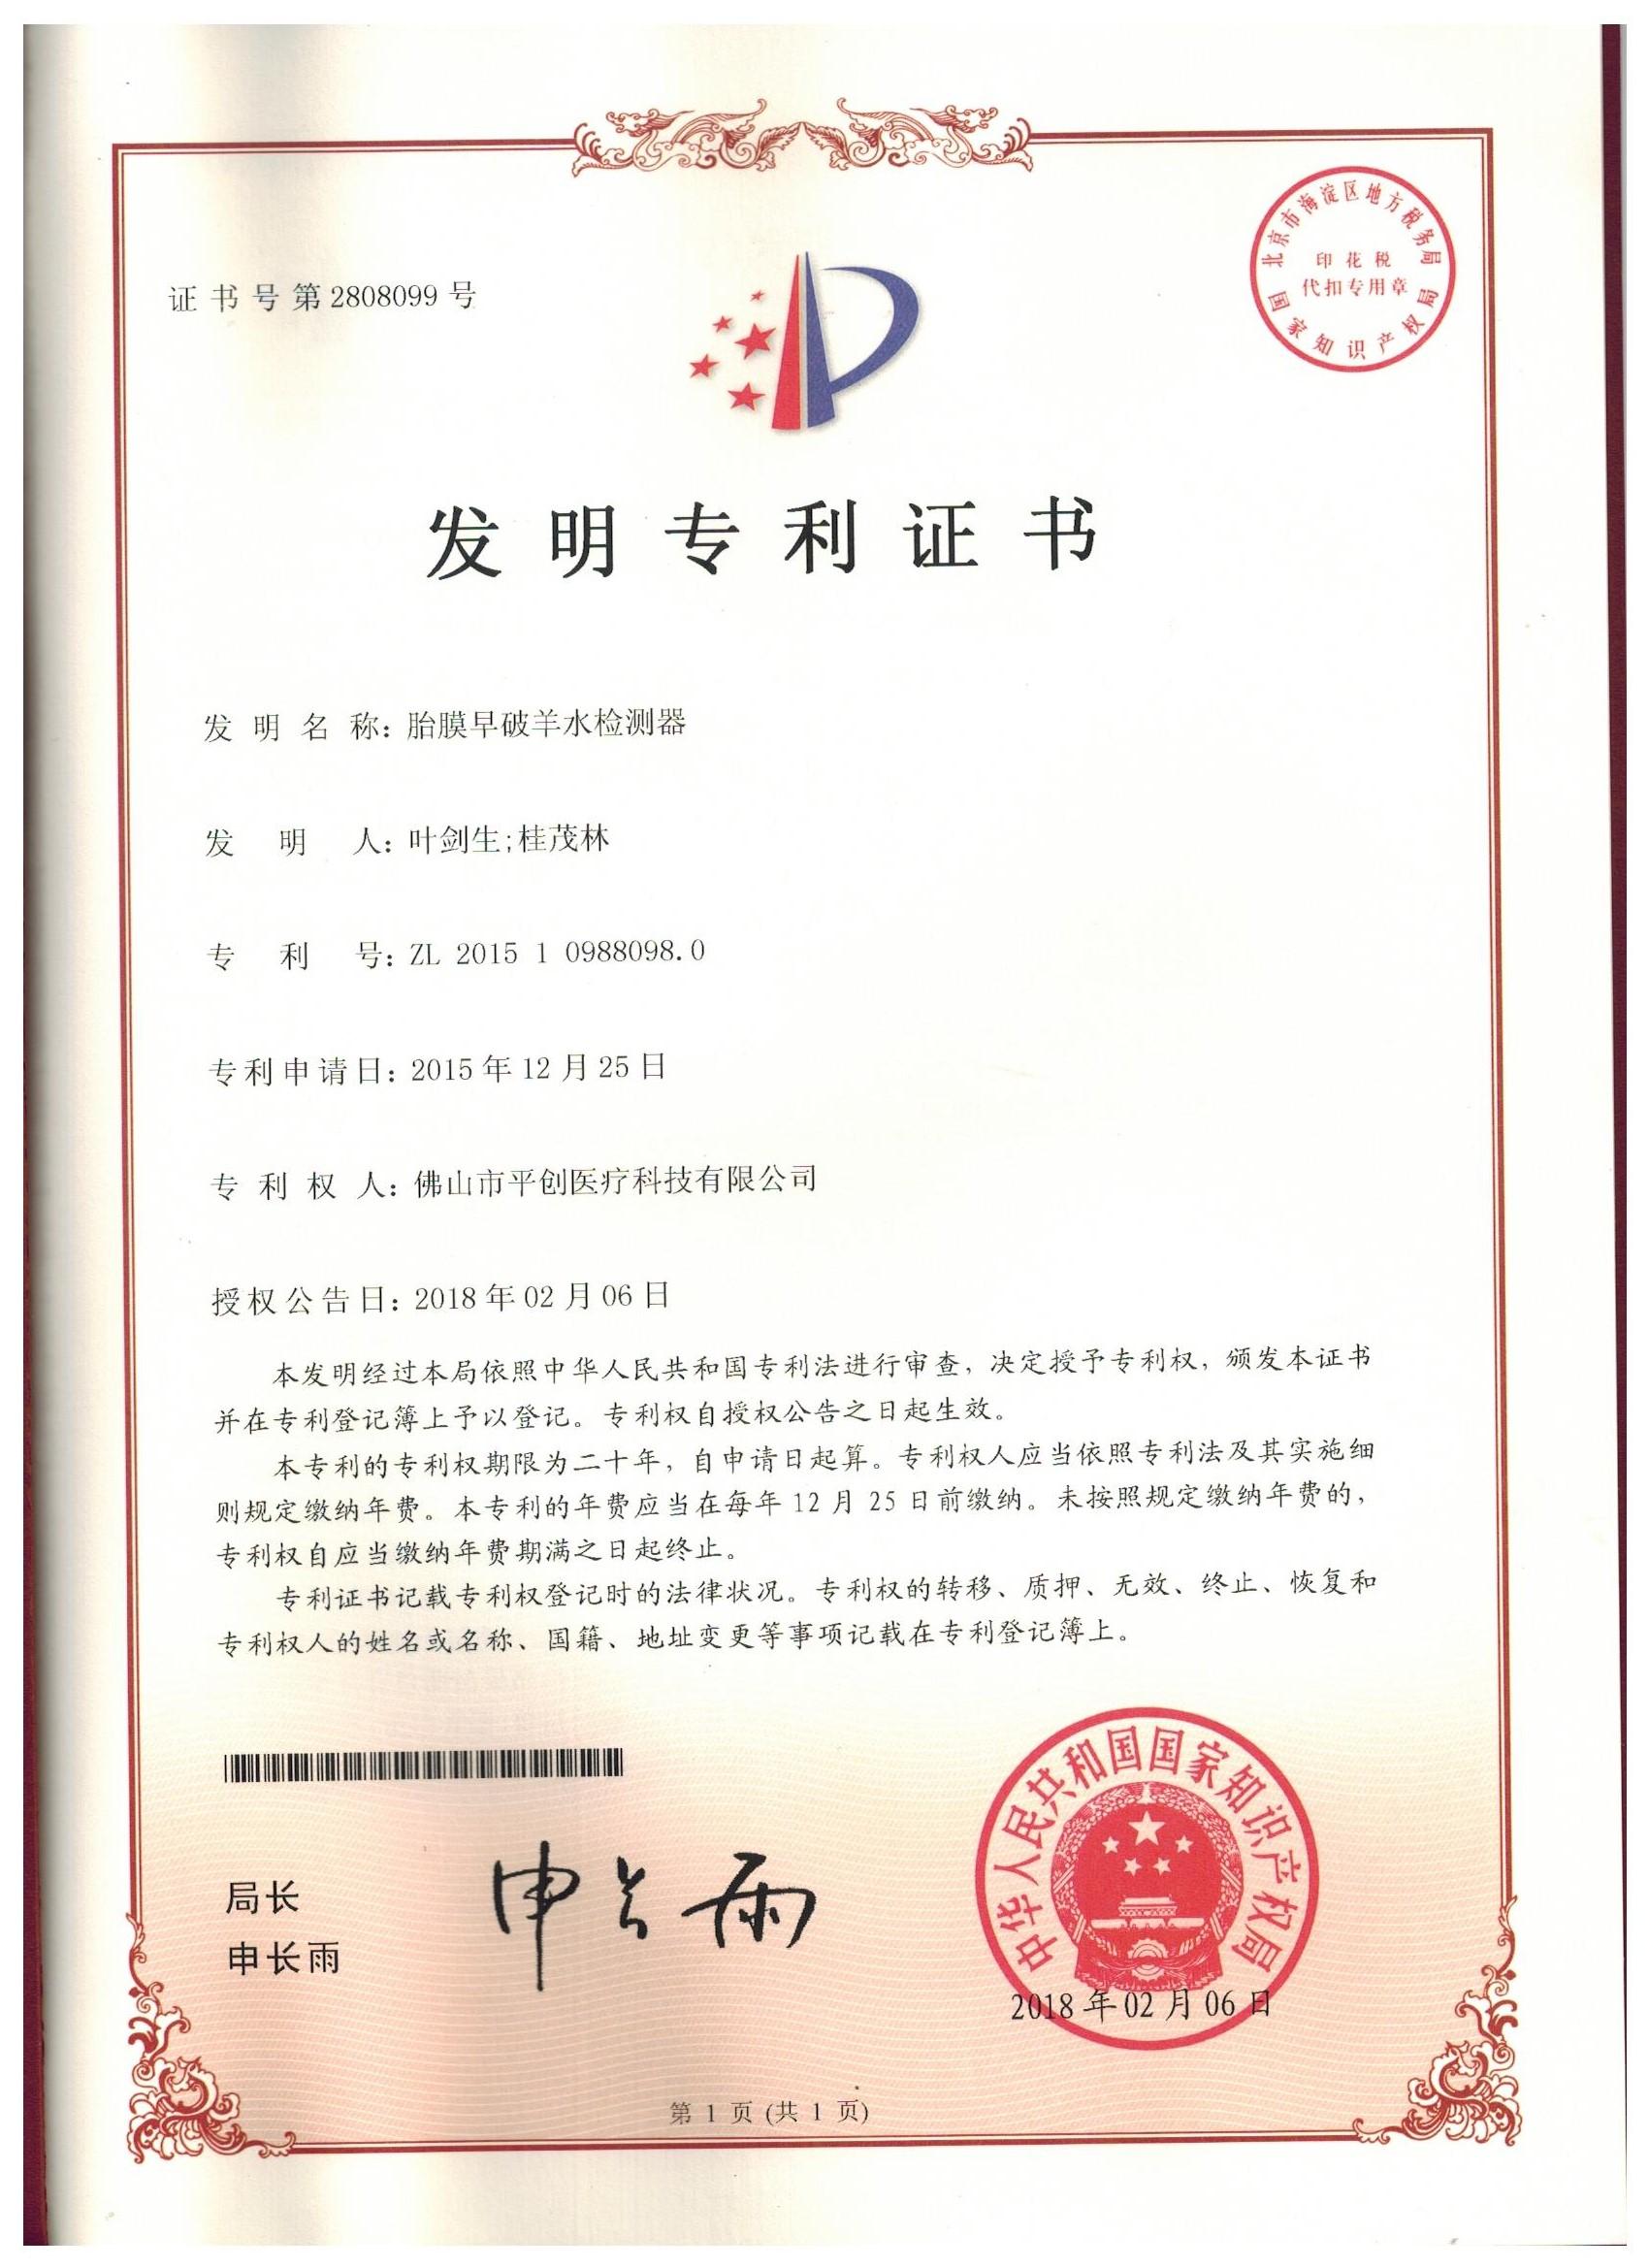 【平创医疗】耦合剂发明专利